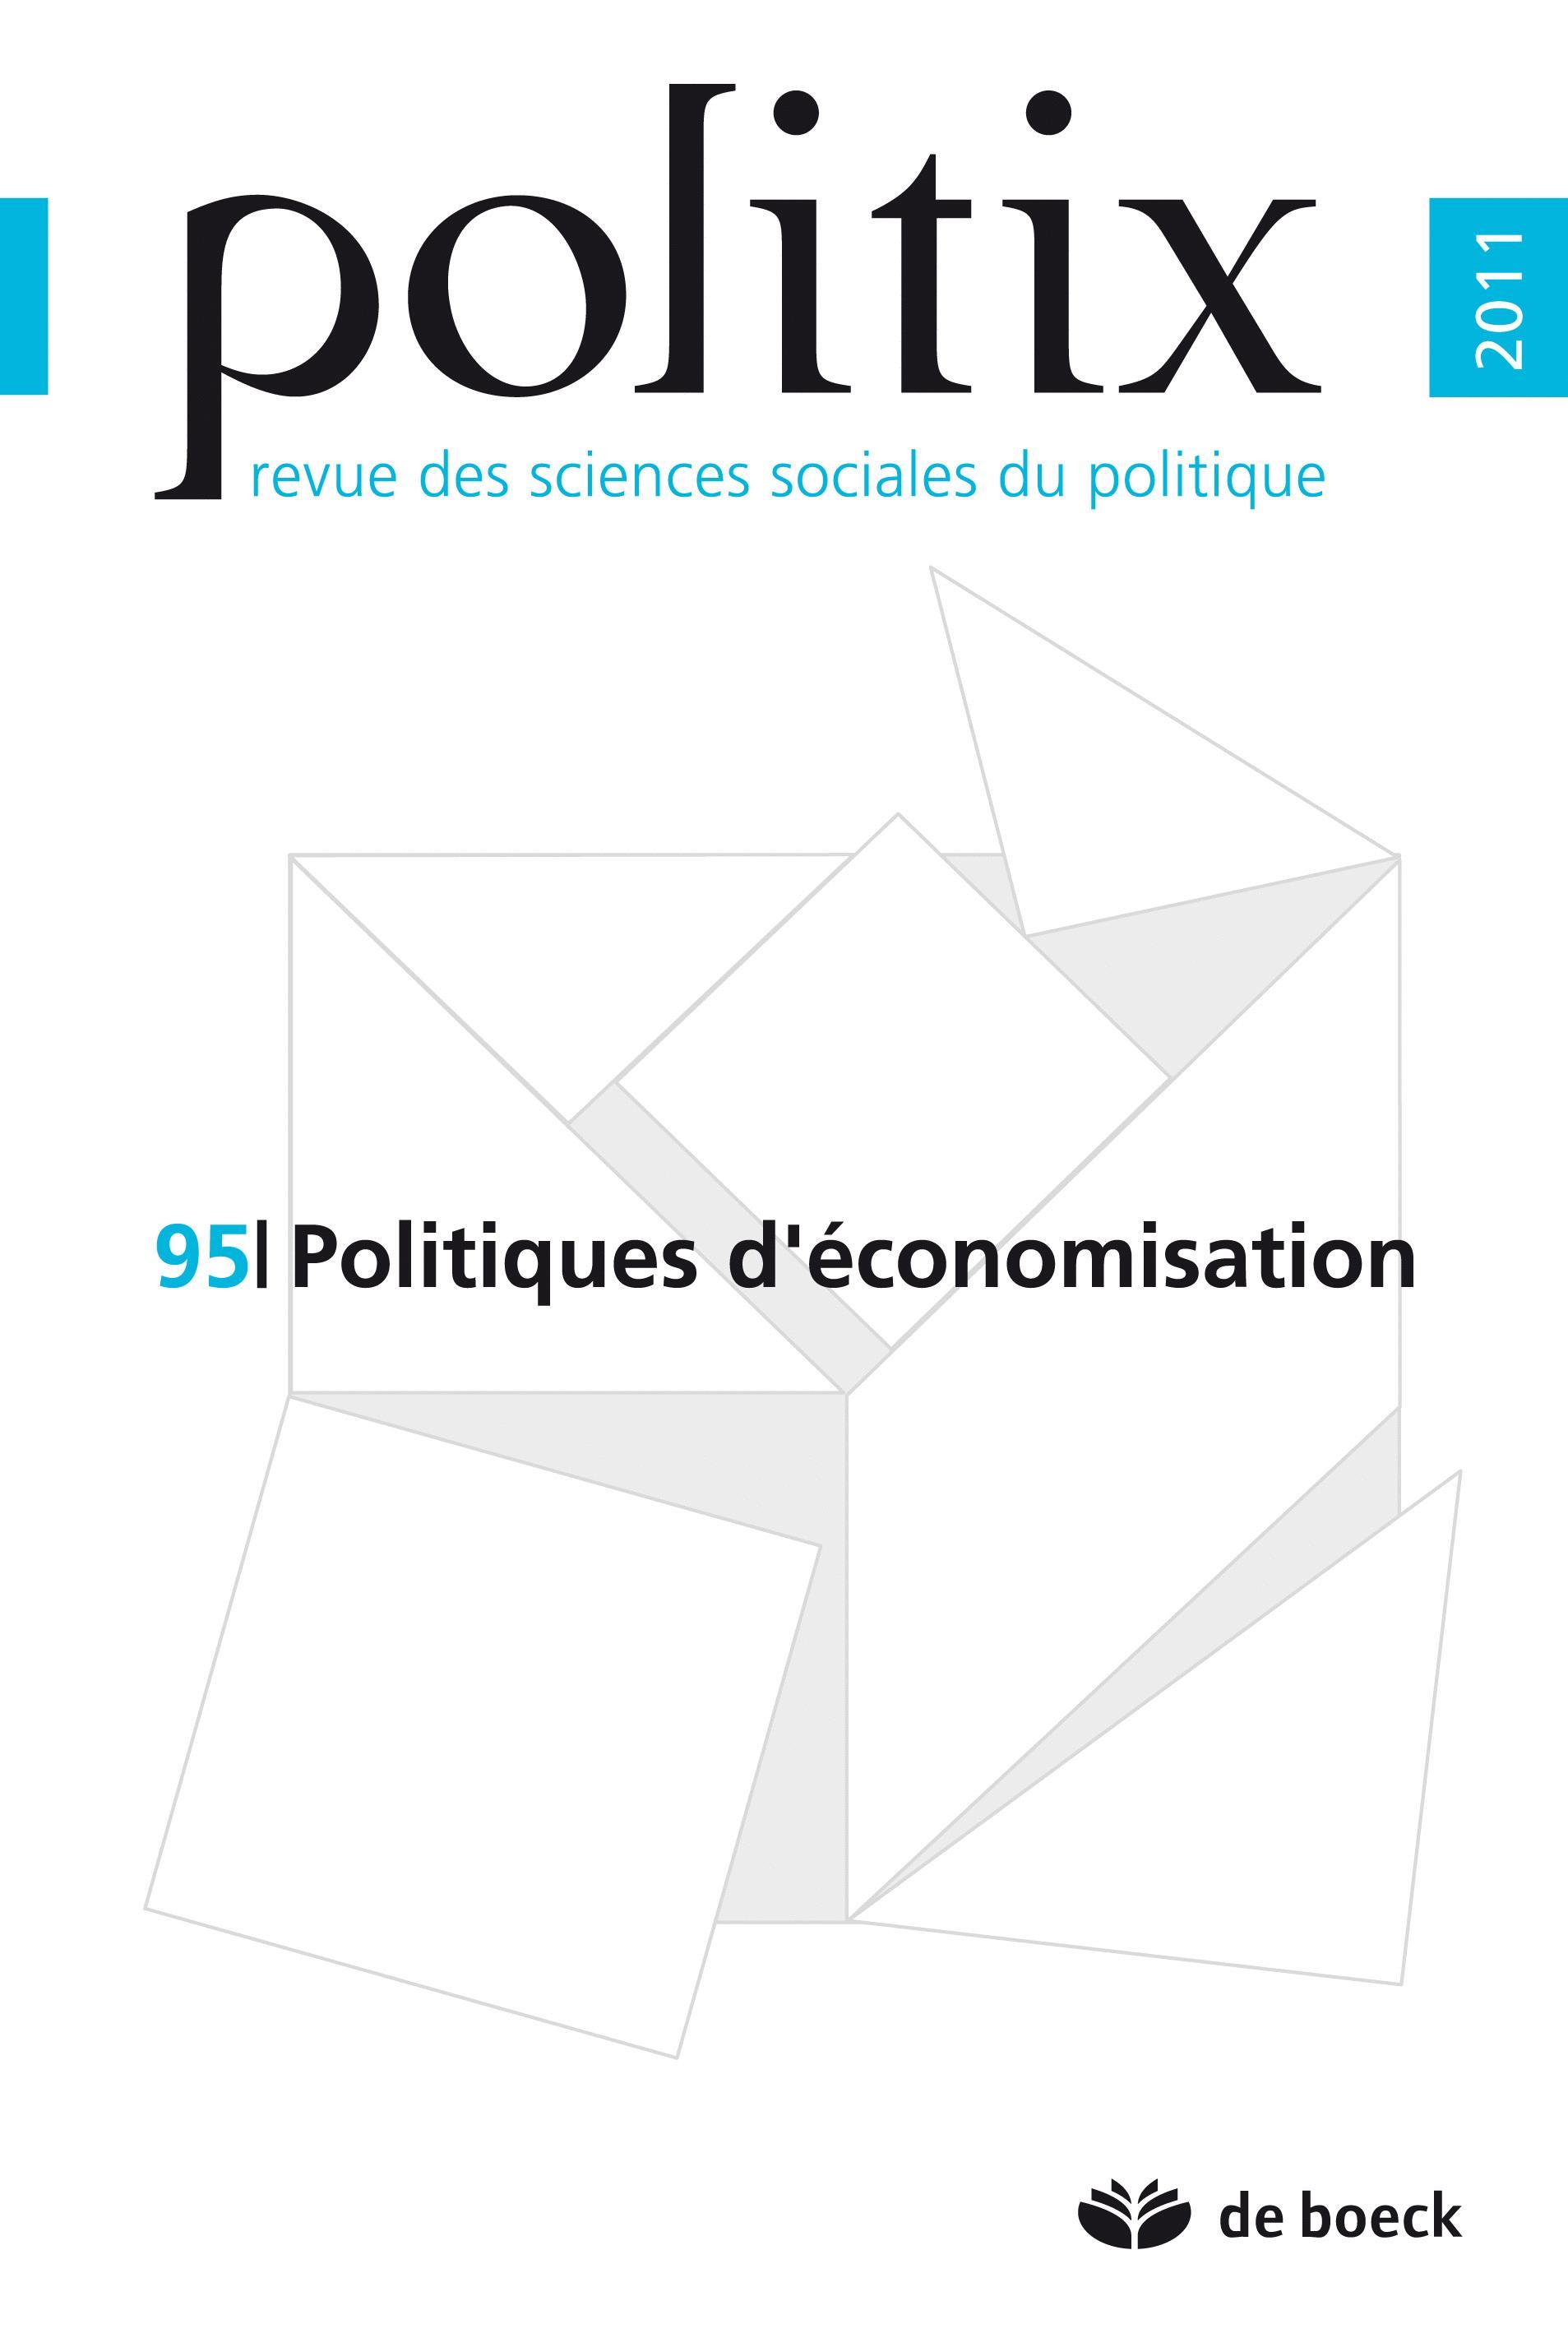 POLITIX 2011/3 N.95 POLITIQUES D'ECONOMISATION